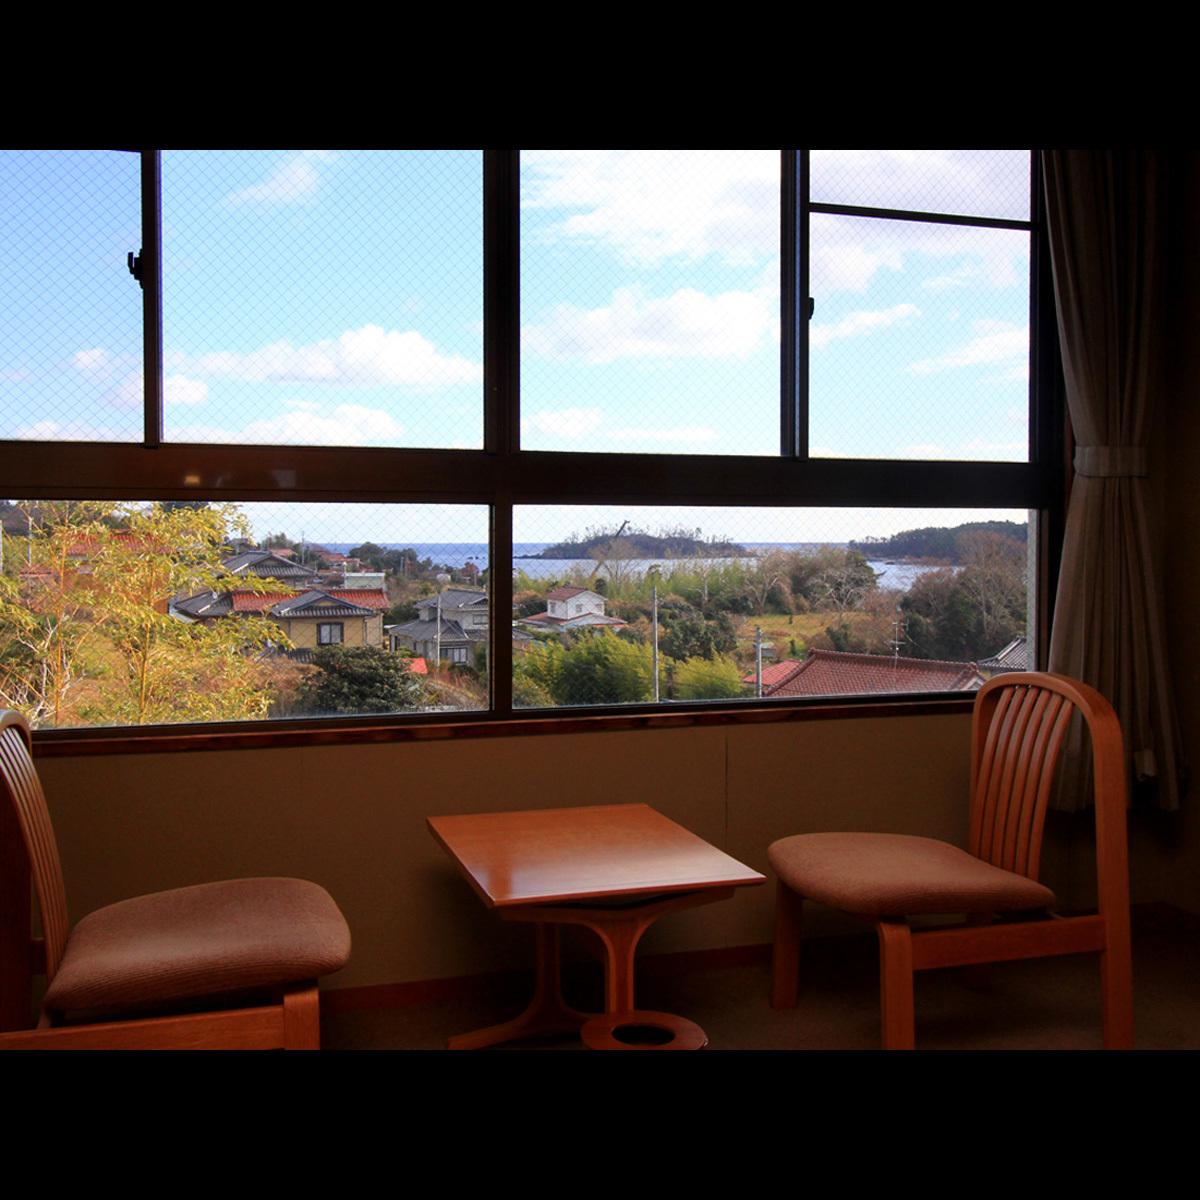 島の宿 気仙沼大島 旅館 明海荘 関連画像 6枚目 楽天トラベル提供